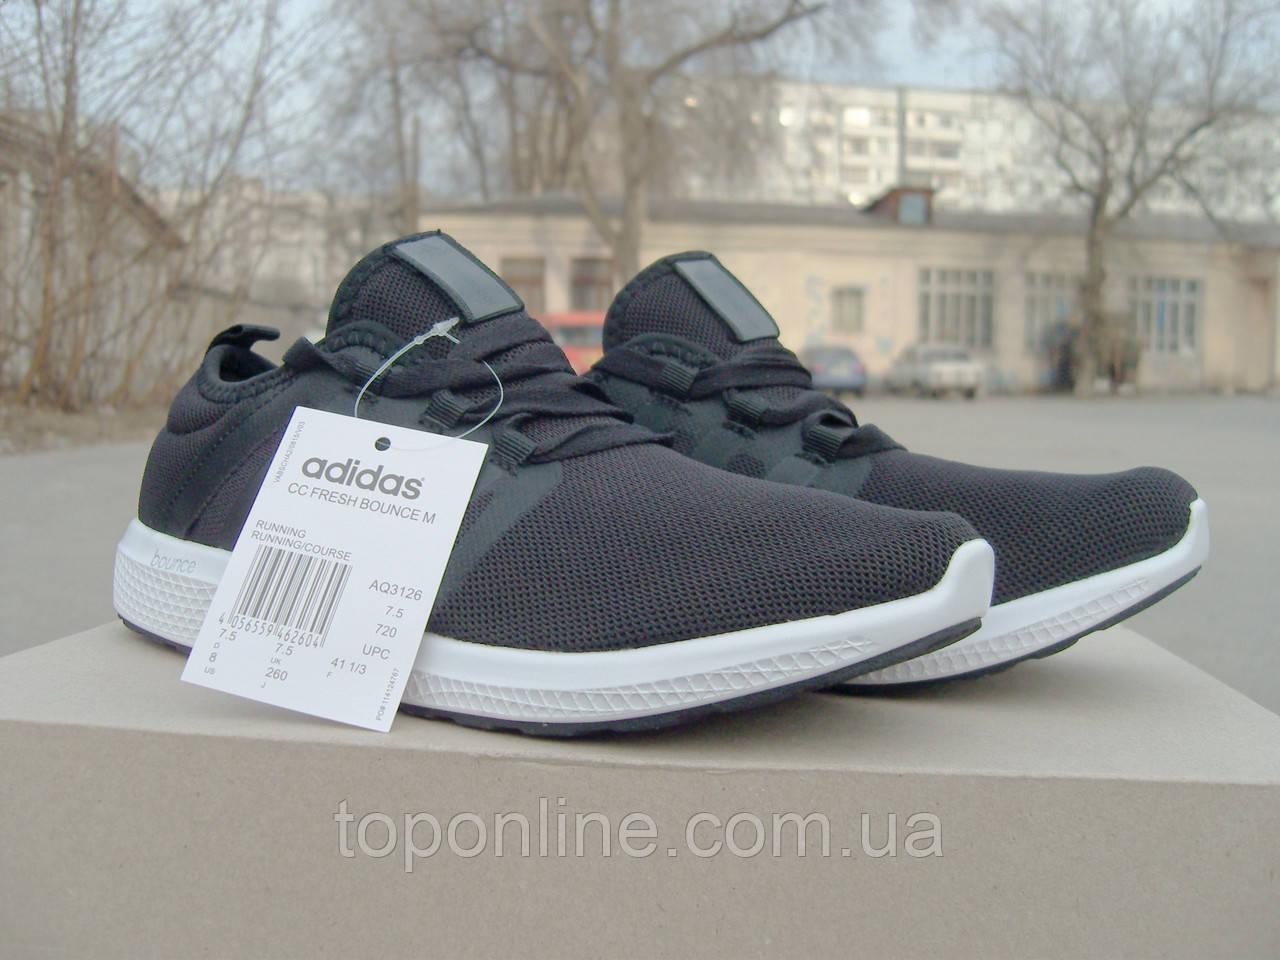 27e9826a08c3df Кроссовки Adidas Fresh Bounce черно-белые. 1 050 грн. Заканчивается. Купить